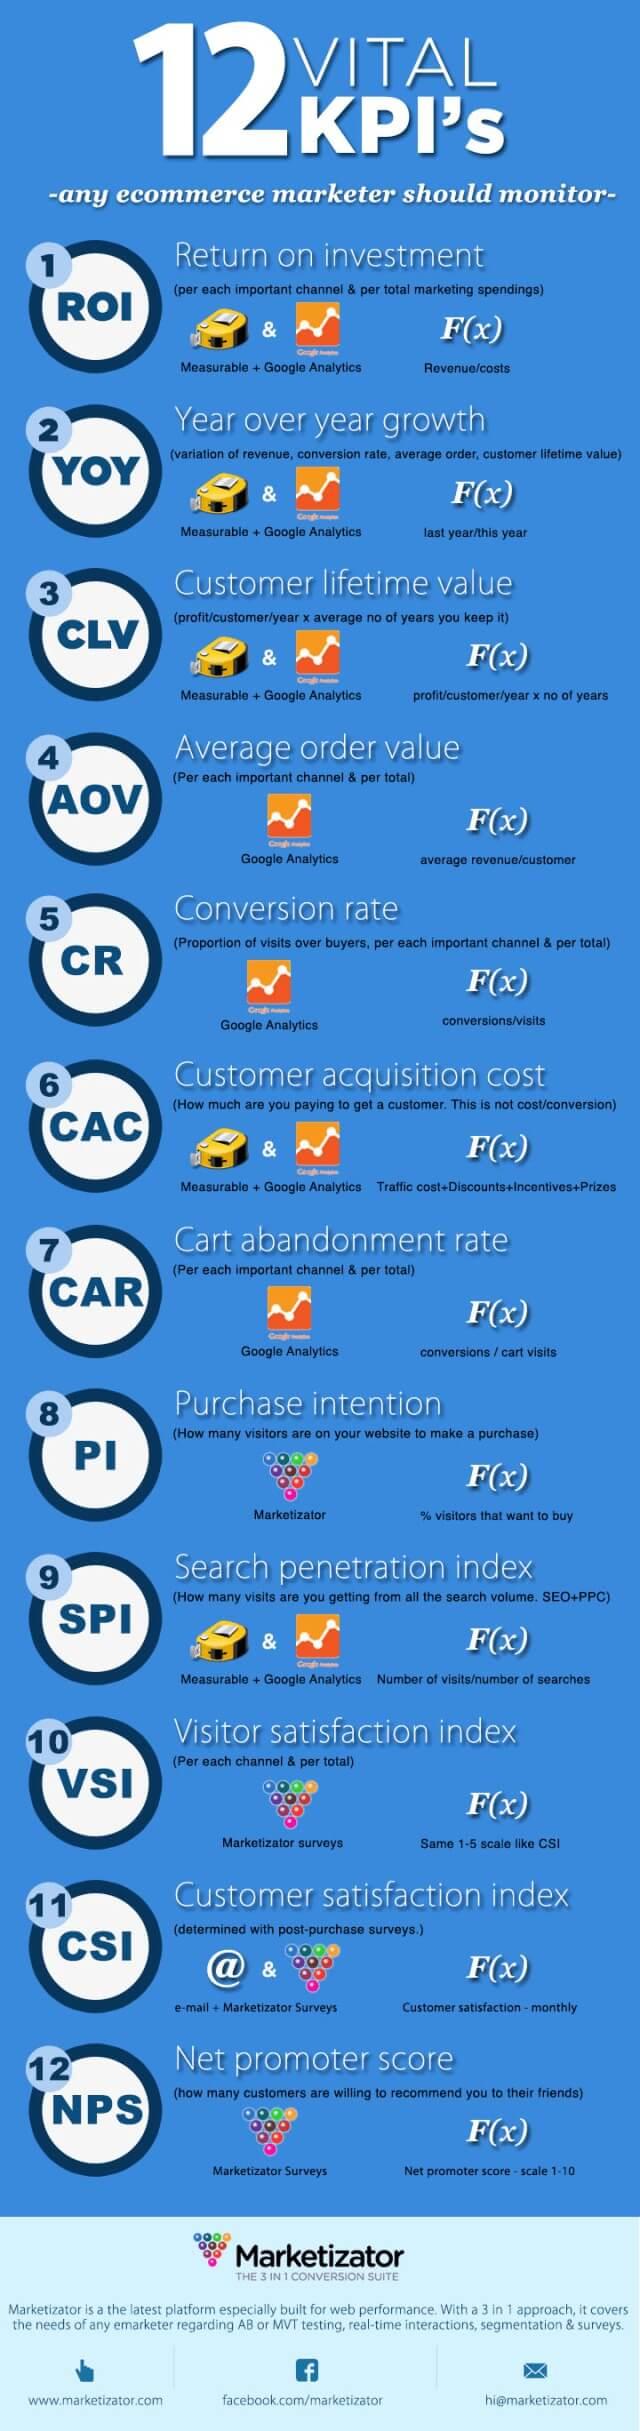 12 wichtige KPIs für die Wirksamkeit von Social Media